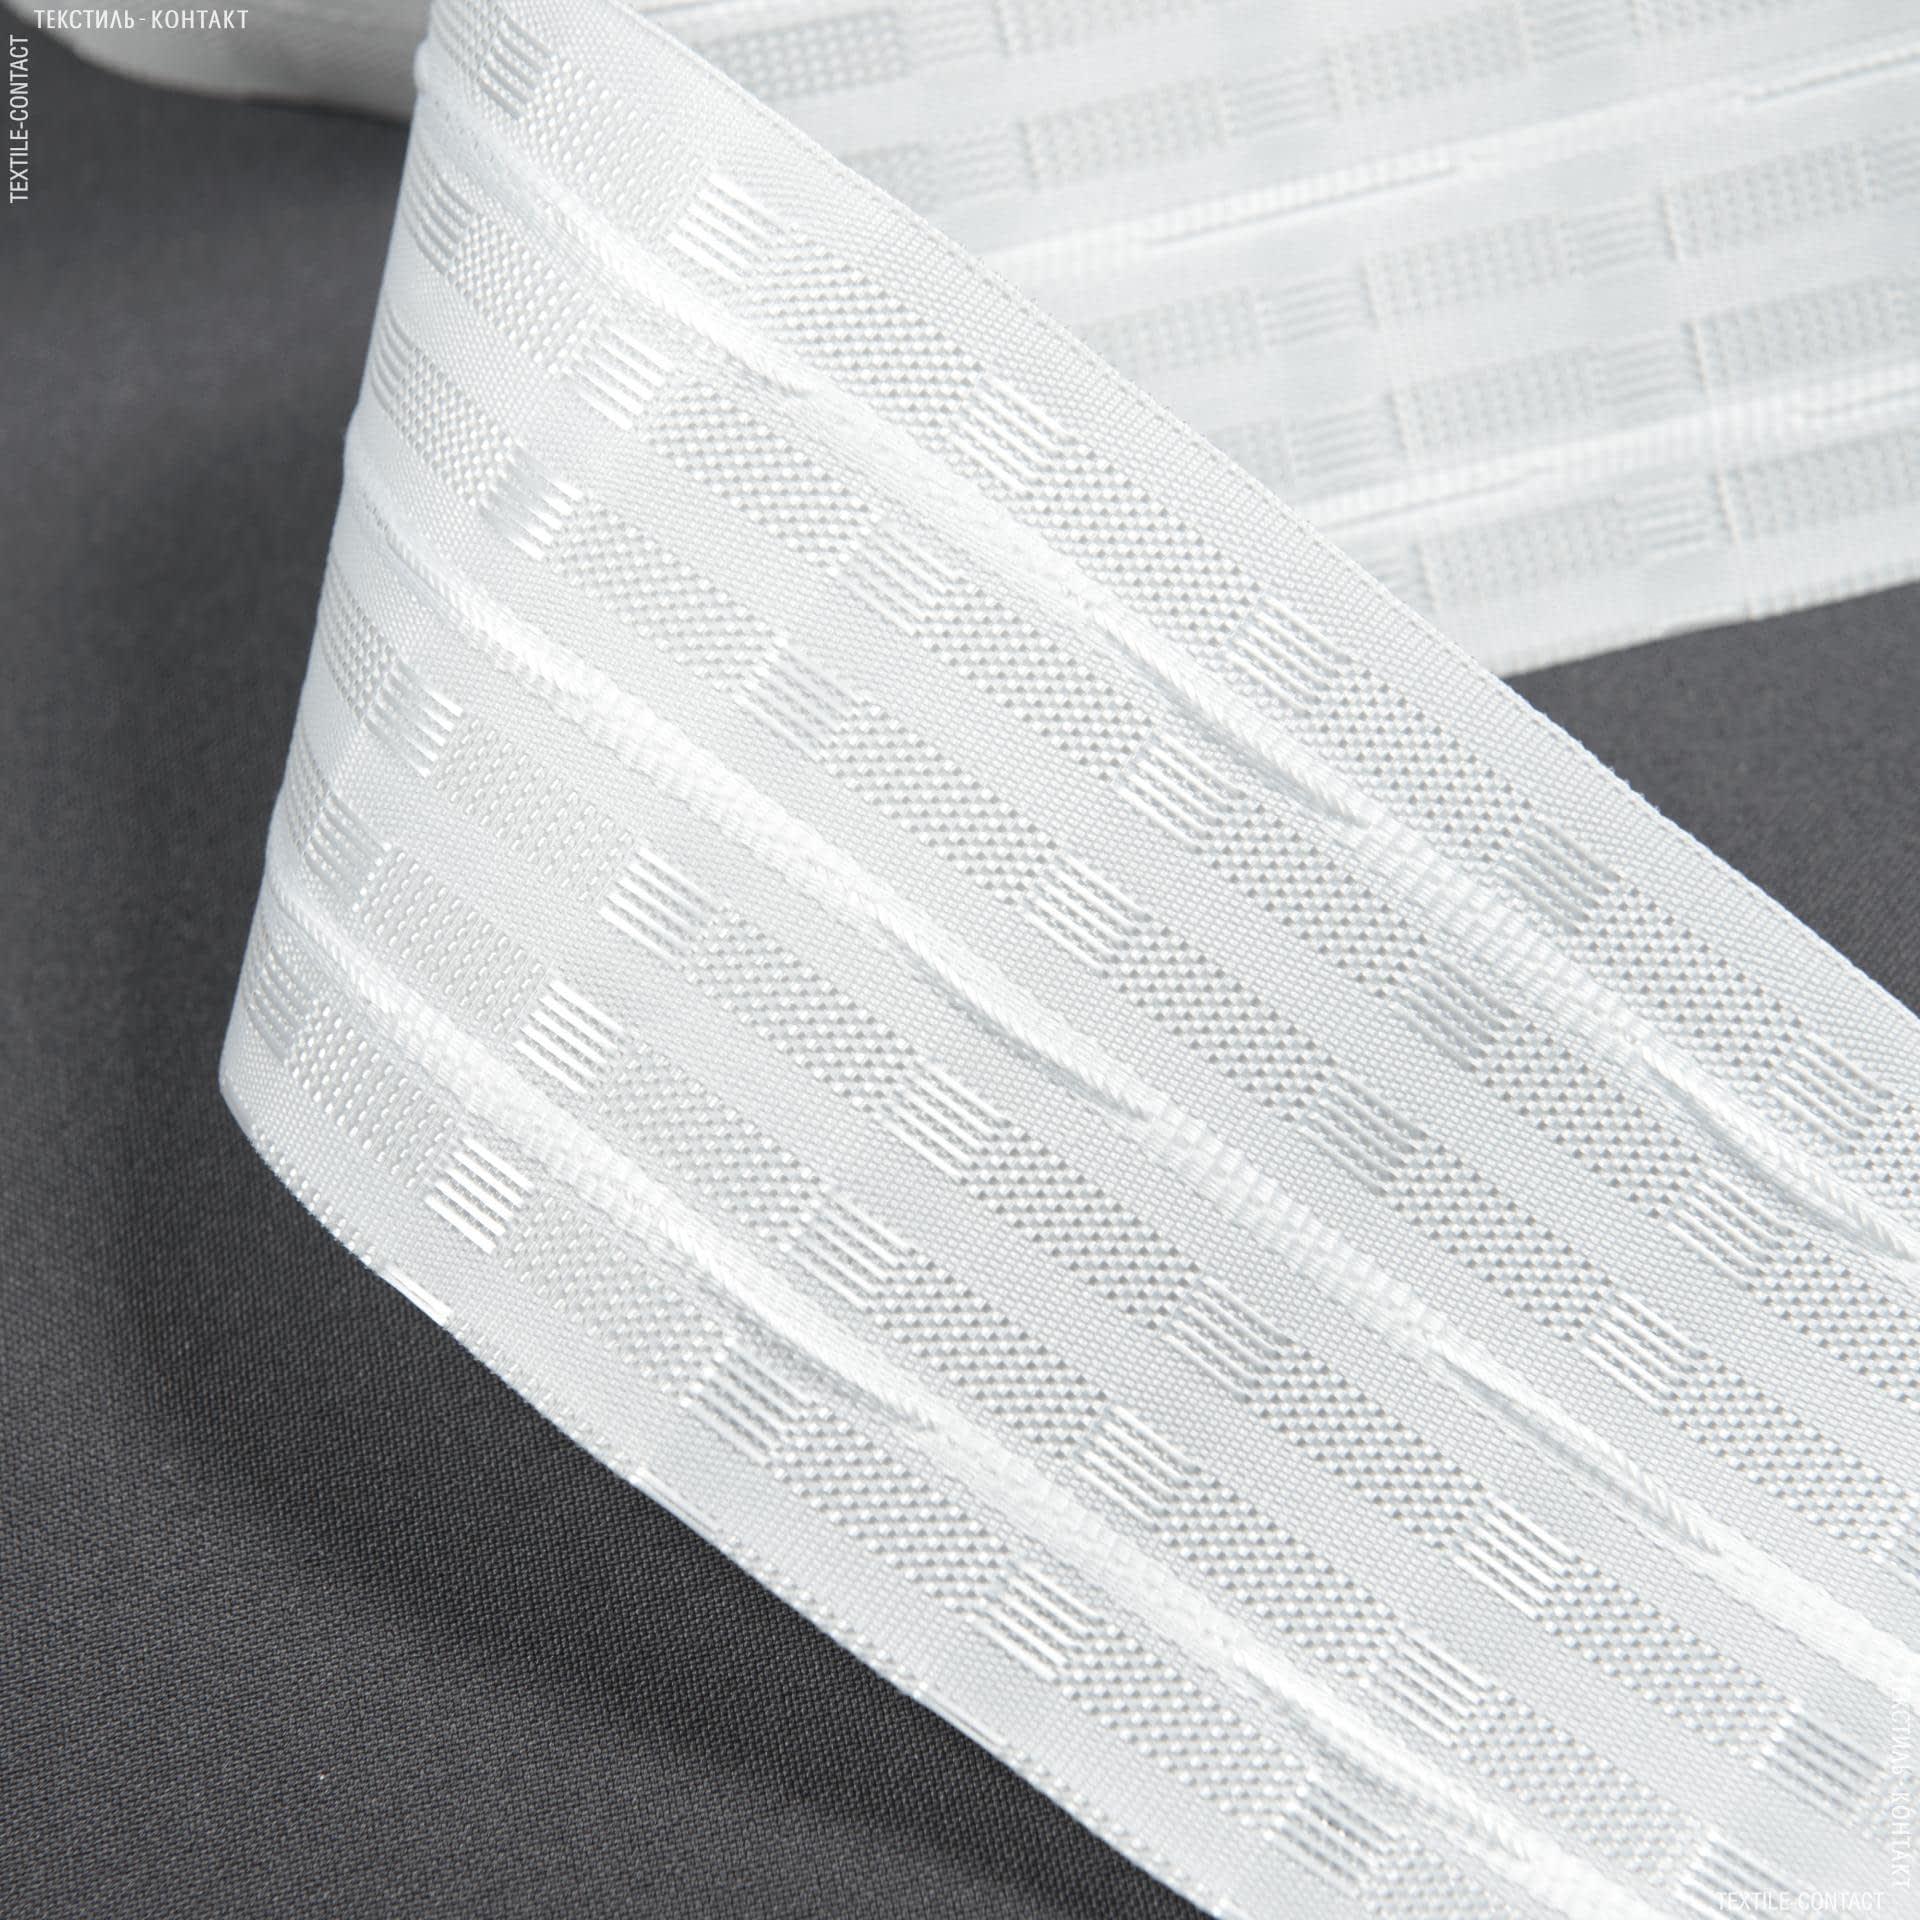 Ткани фурнитура для дома - Тесьма шторная  КС-1:2 80мм/100 матовая Равномерная многокарман